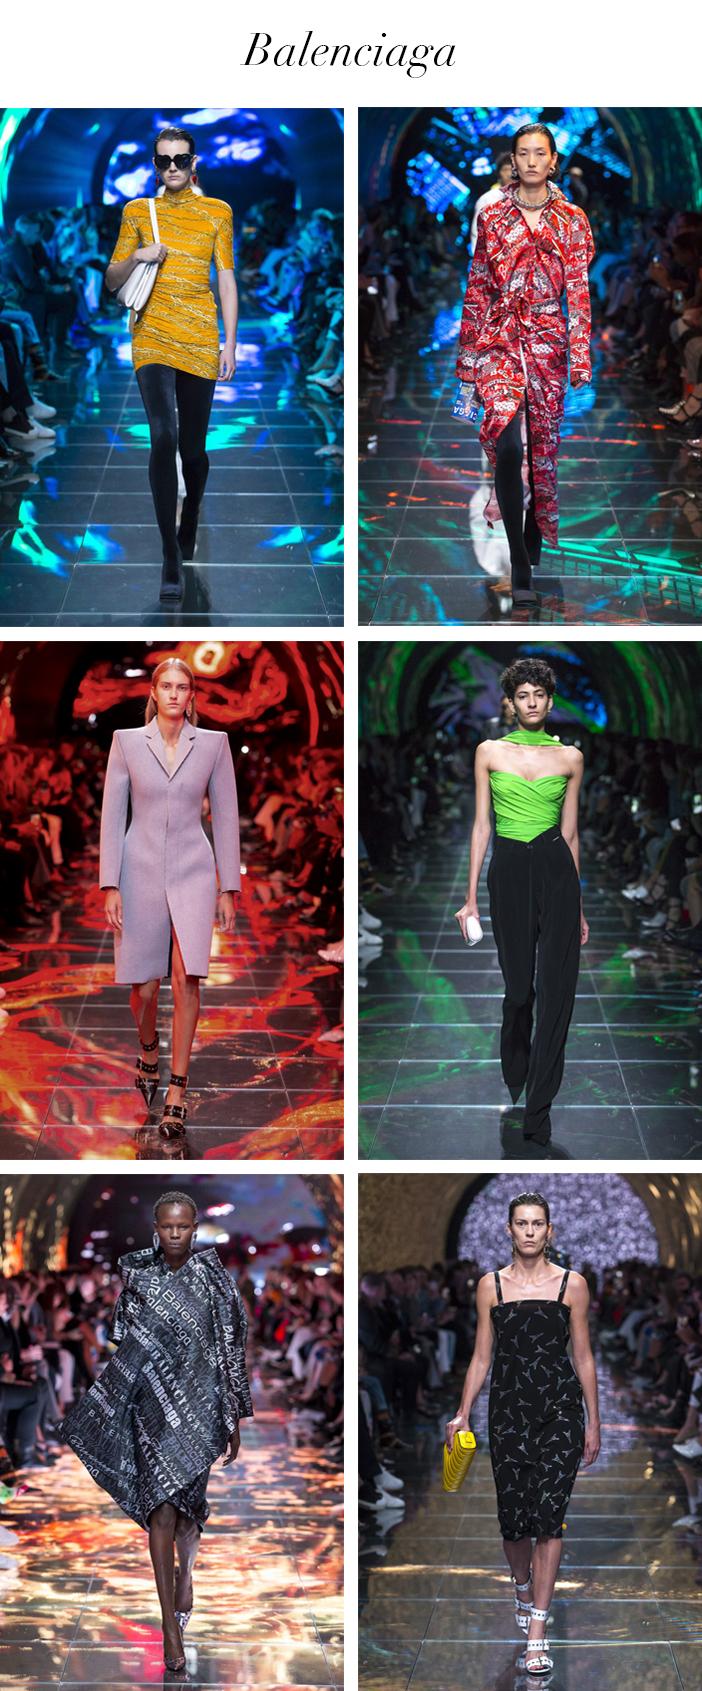 Semana de Moda de Paris - Verão 2019 - Balenciaga